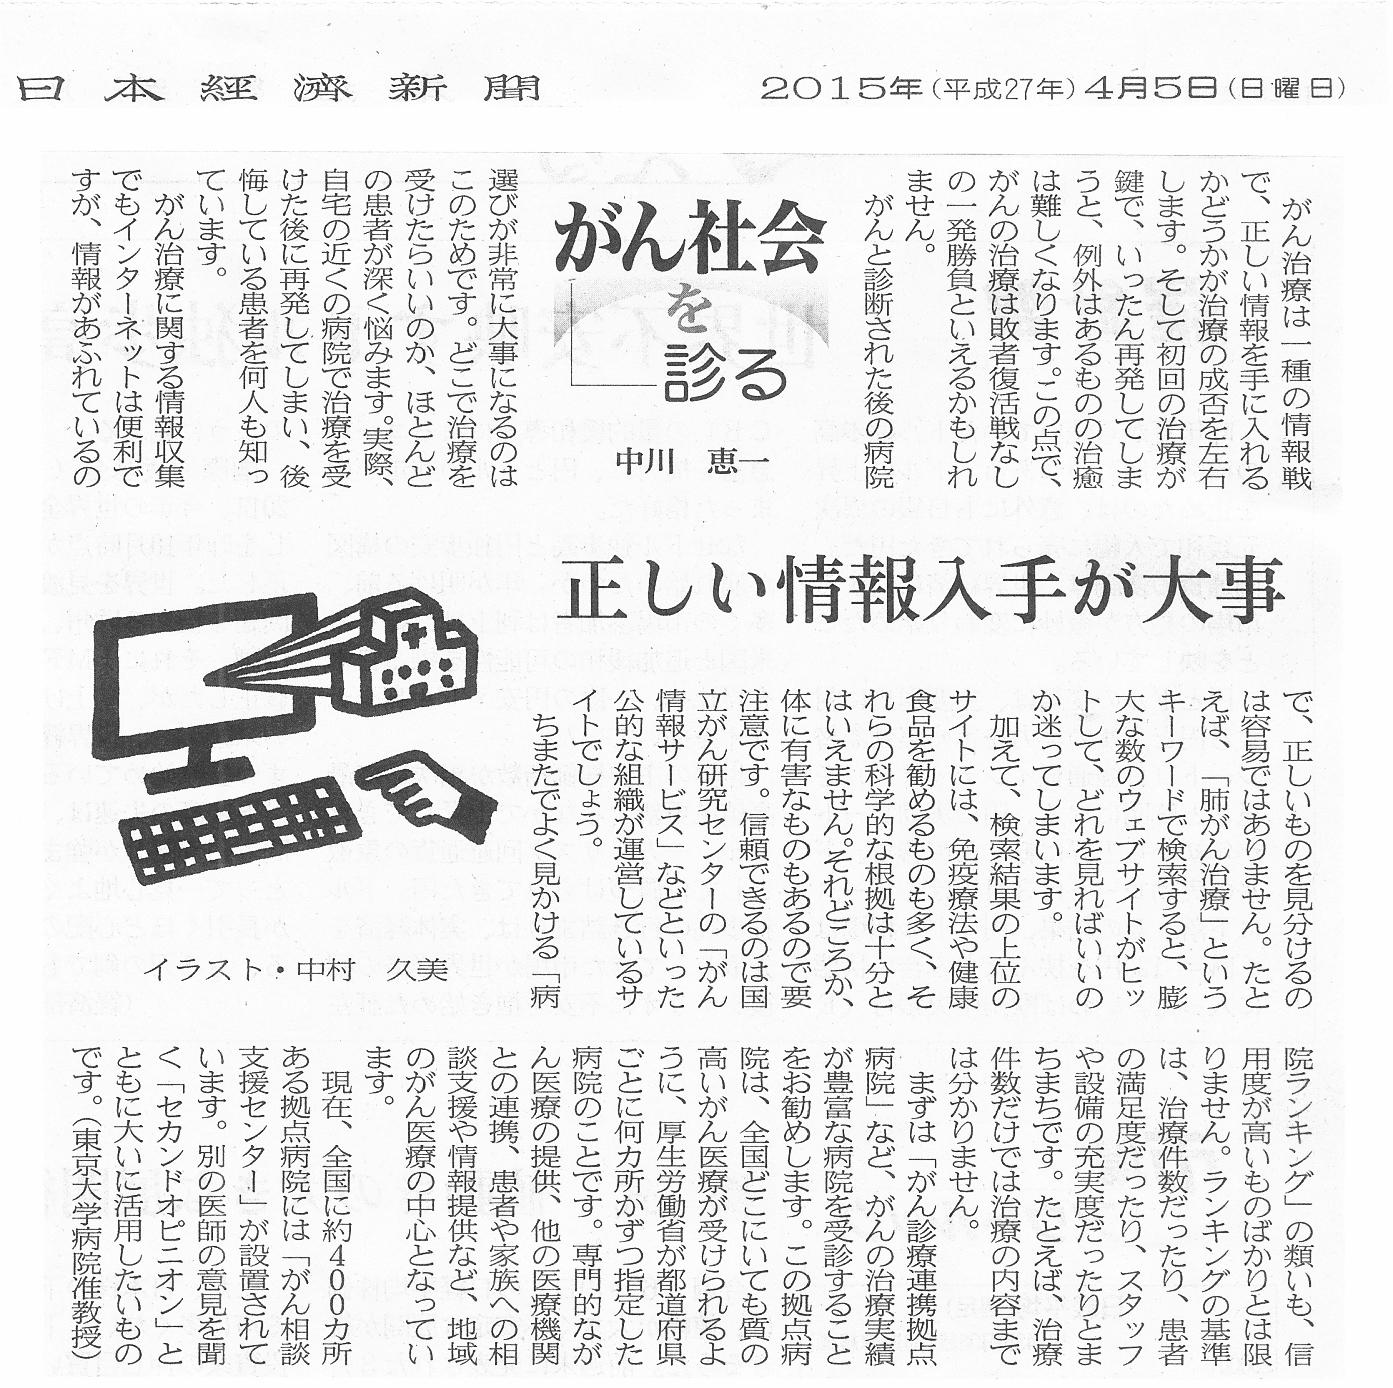 平成27年4月5日の日本経済新聞に、東京大学放射線科の中川恵一先生が連載されている「がん社会を診る」のコーナーに「正しい情報入手が大事」と題する記事が掲載されていました。